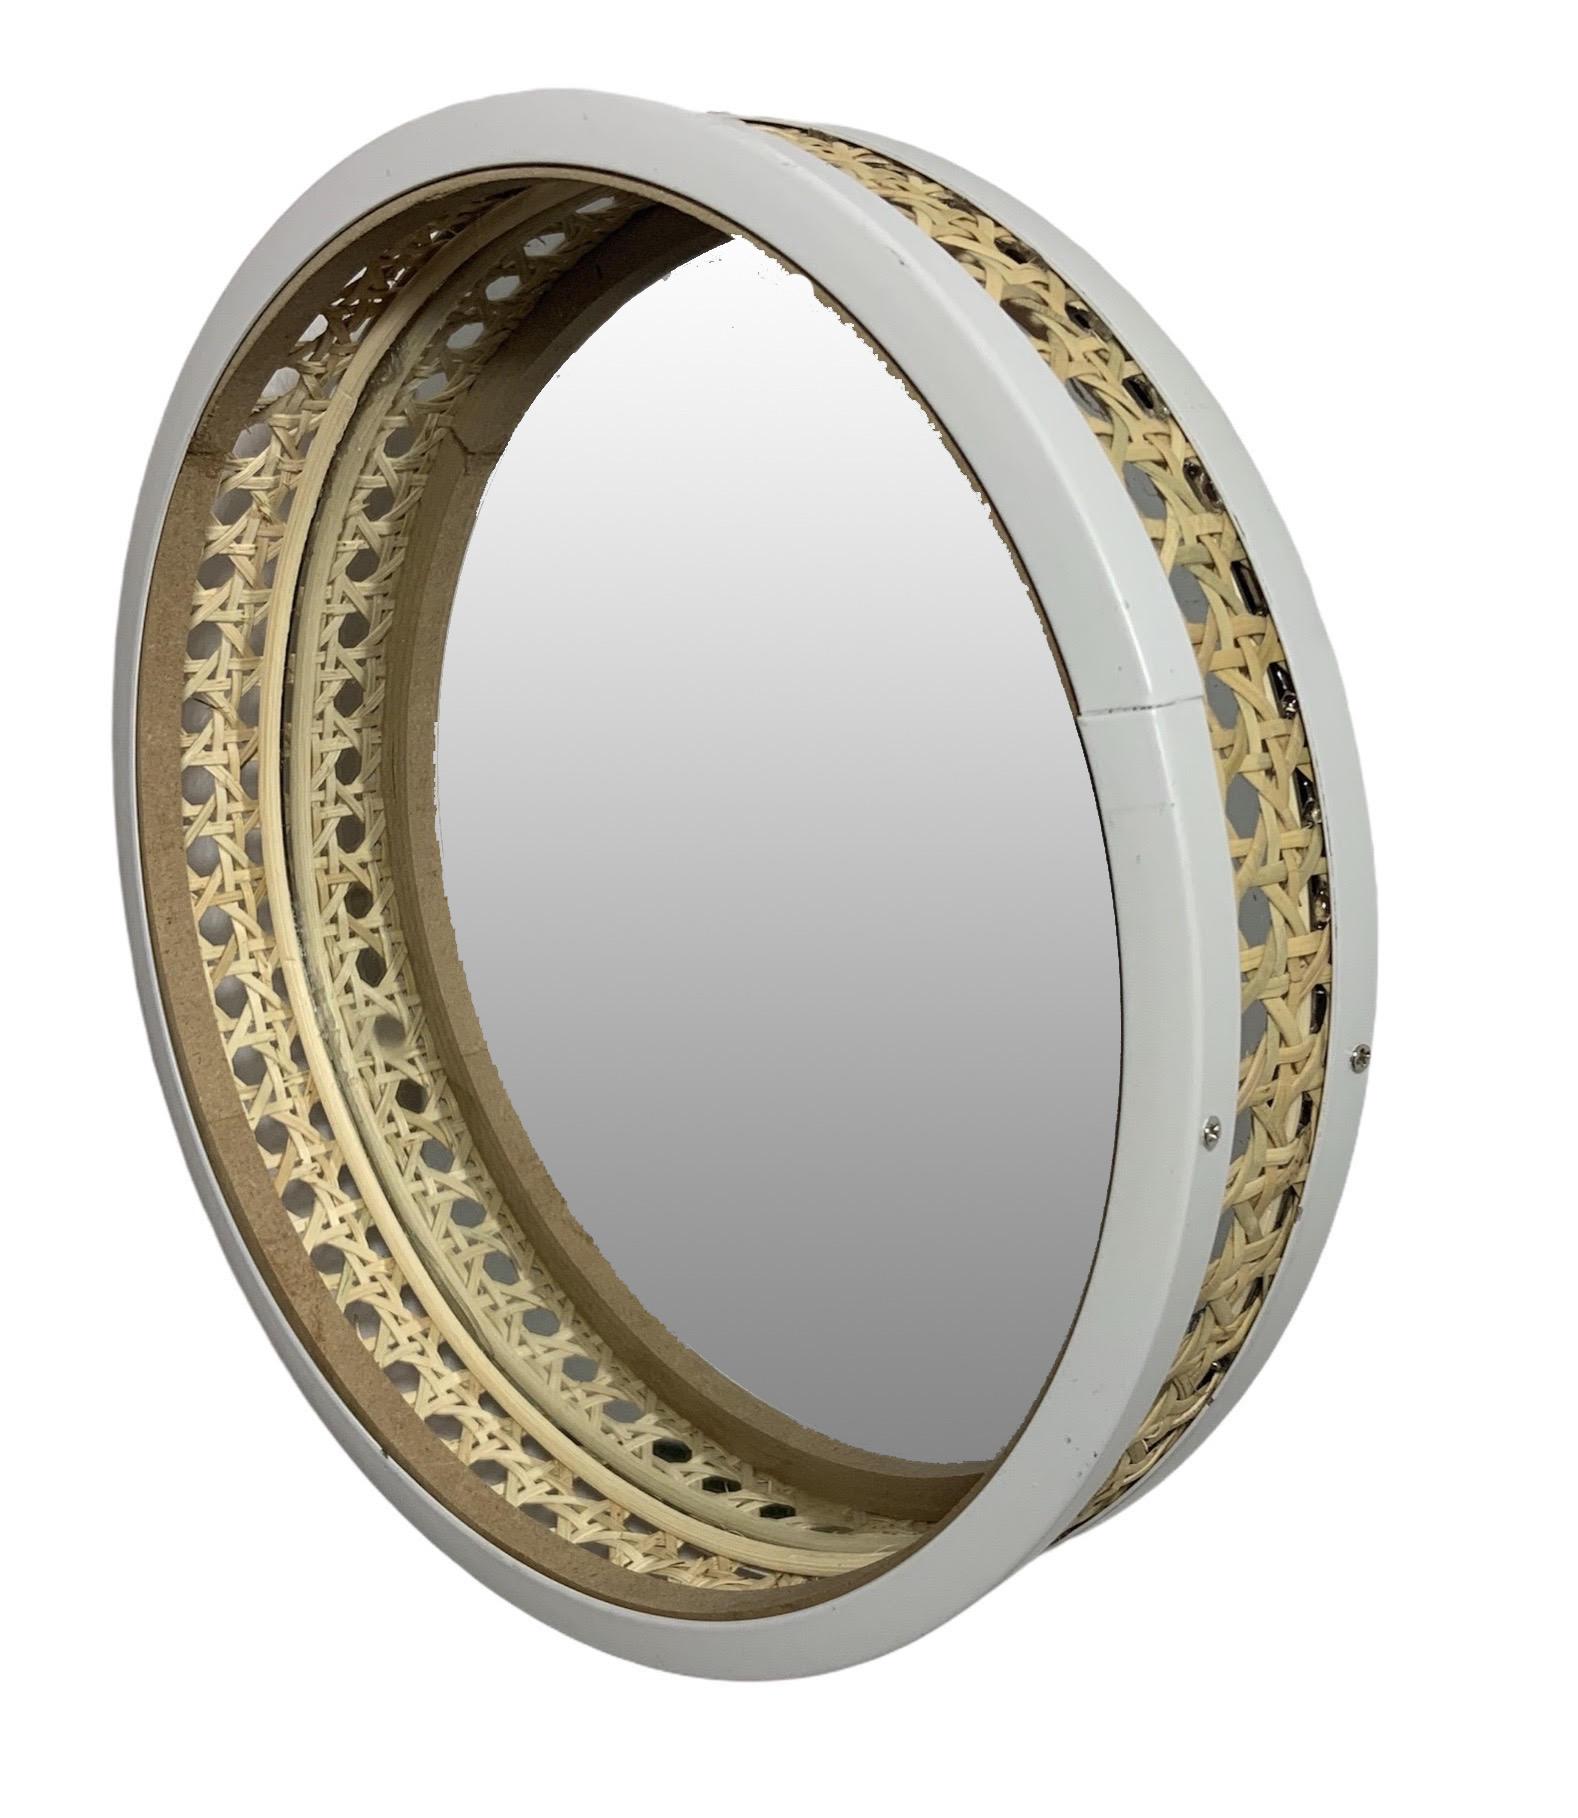 31595-espejo-rejilla-ratan-blanco-24-cm.jpeg